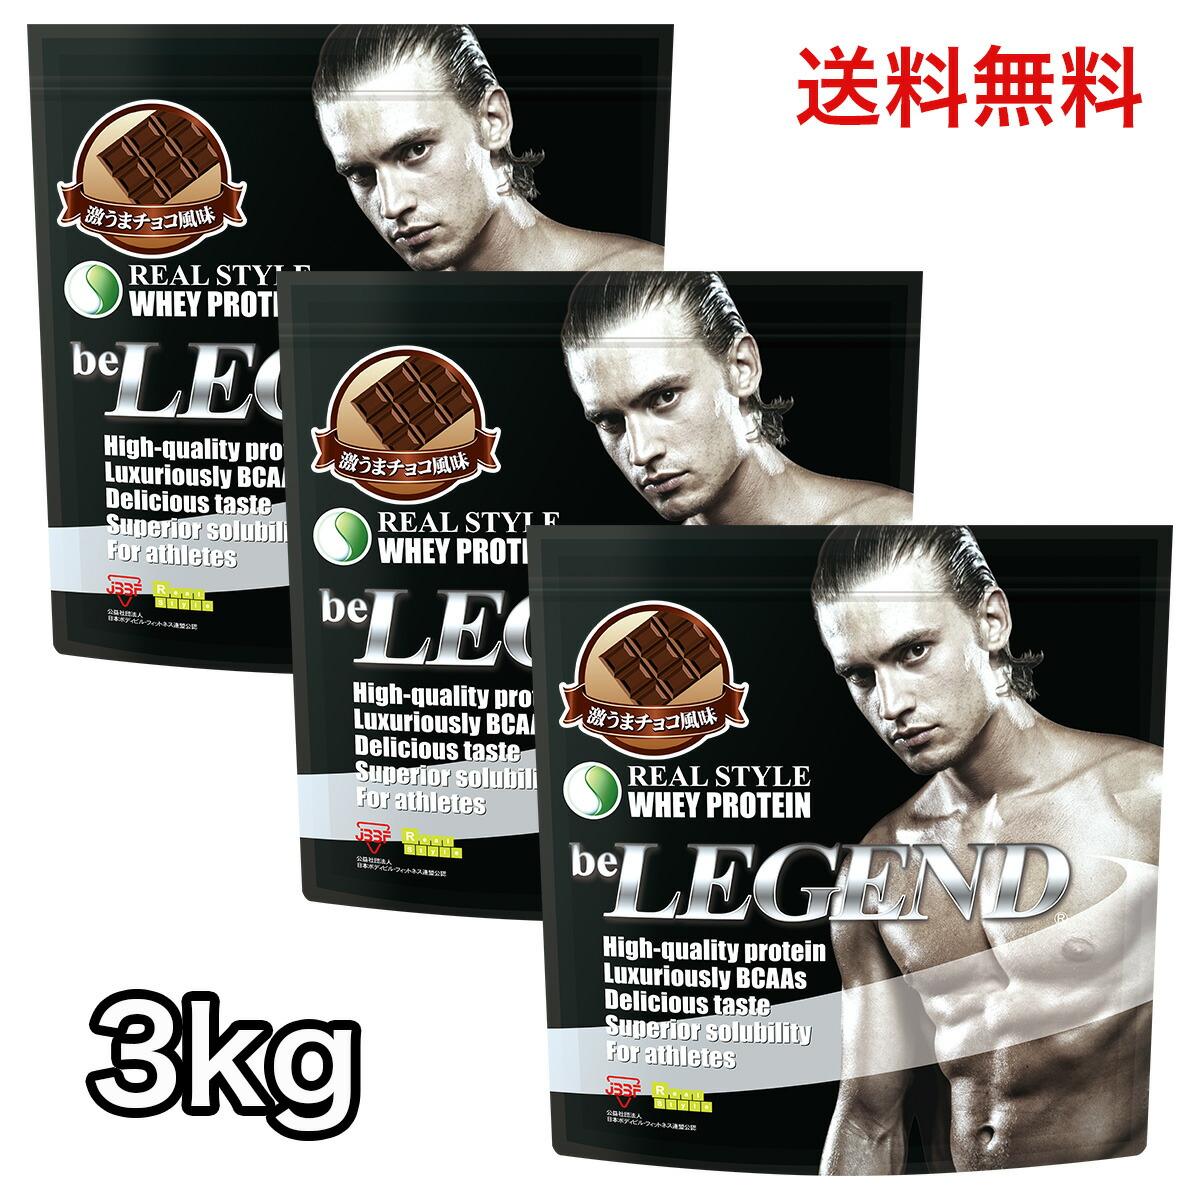 ビーレジェンド プロテイン 激うまチョコ風味 1kg×3袋 3kg(be LEGEND ホエイプロテイン)【オススメ】